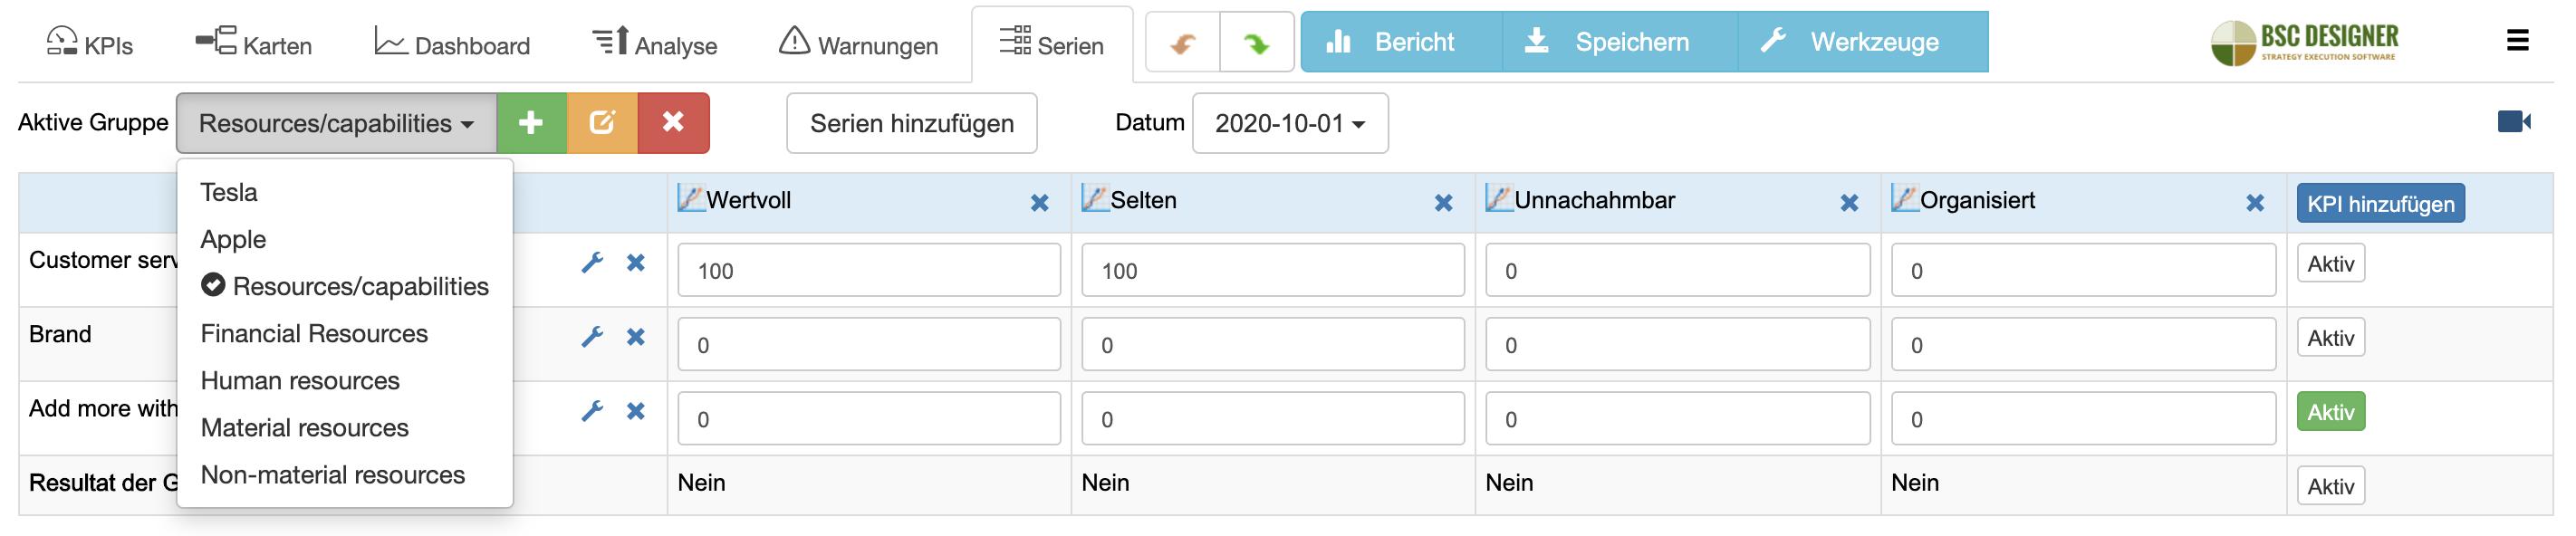 Registerkarte Serien mit Beispielen der VRIO-Analyse